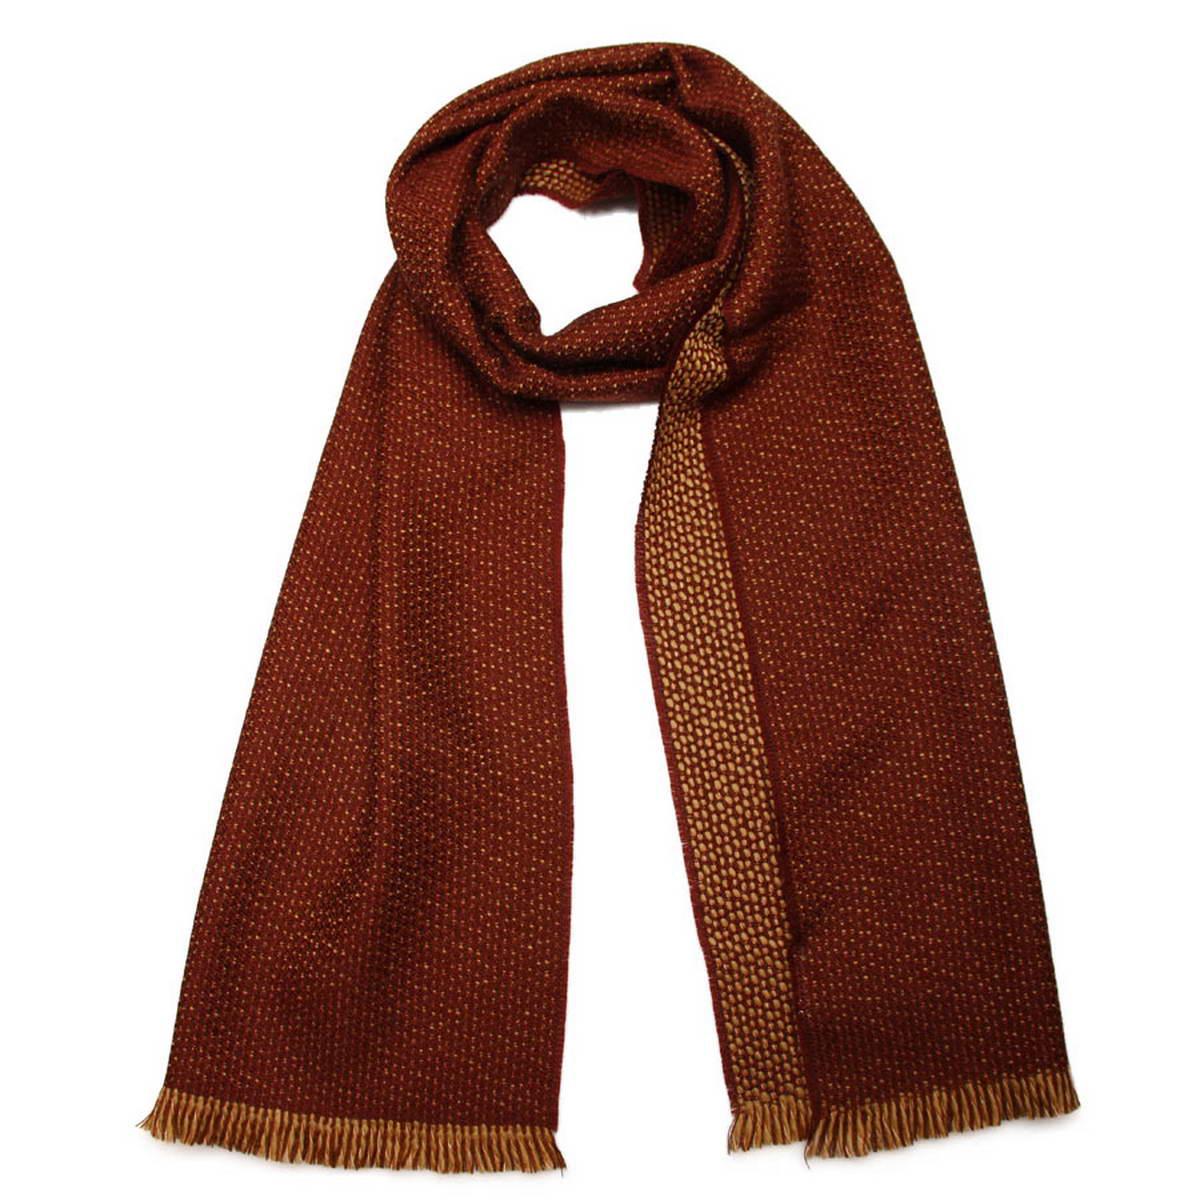 5001632-5Стильный мужской шерстяной шарф Venera создан подчеркнуть ваш неординарный вкус и согреть вас в прохладное время года. Модель отличается двухцветным фактурным выполнением. Два схожих оттенка отлично дополняют друг друга, поэтому аксессуар будет прекрасно завершать любой мужской образ. Края шарфа декорированы короткой бахромой. Этот модный аксессуар не только согреет вас в холодное время года, но гармонично дополнит ваш образ.